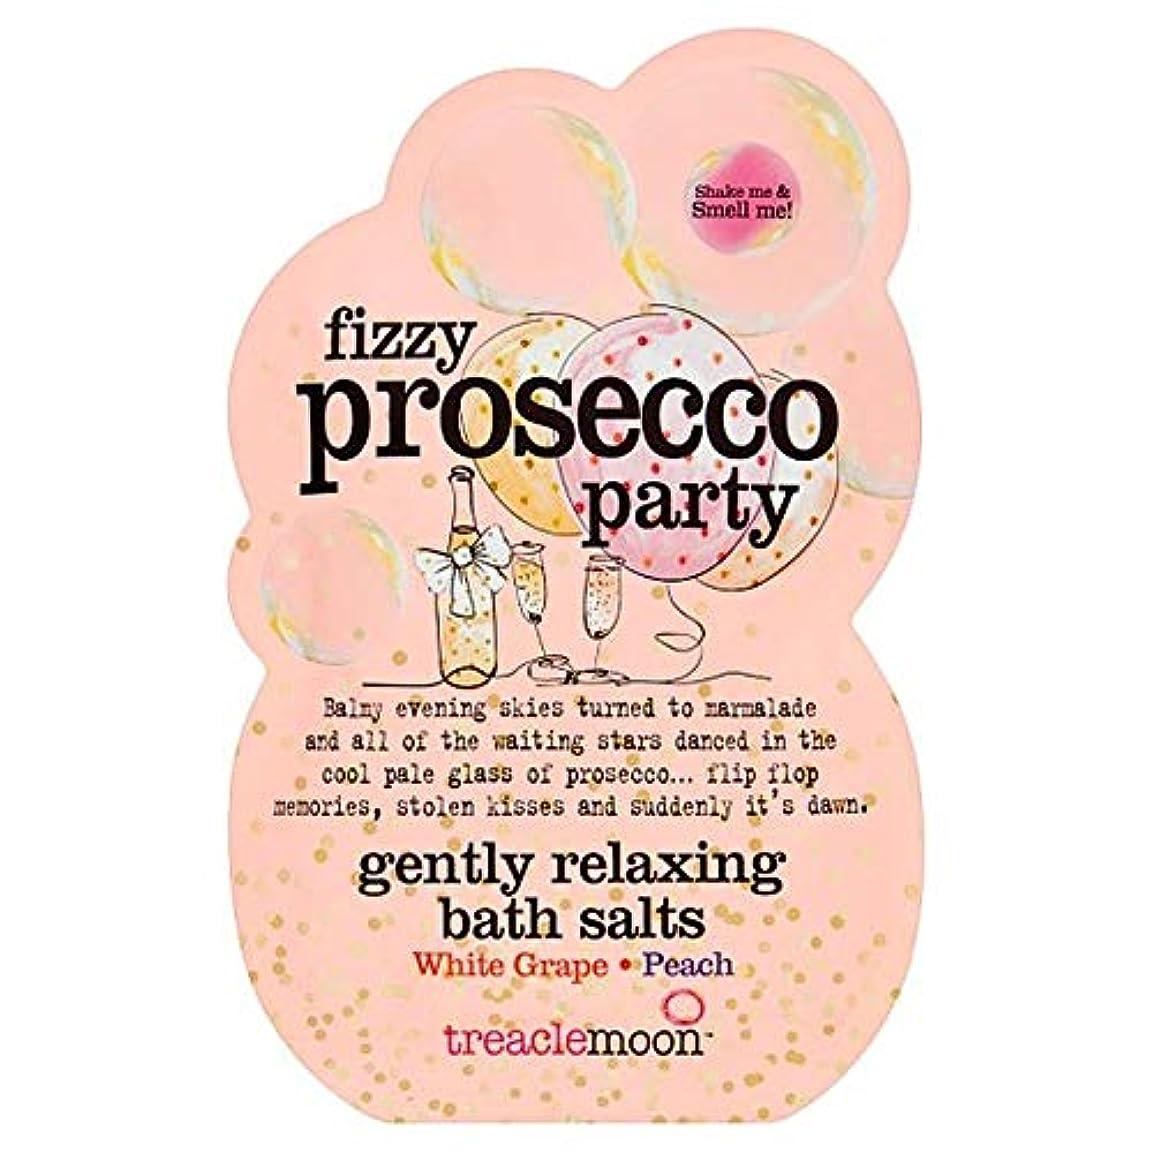 アルバムサワー固有の[Treacle Moon] Treaclemoonプロセッコパーティーバスソルトの80グラム - Treaclemoon Prosecco Party Bath Salts 80G [並行輸入品]